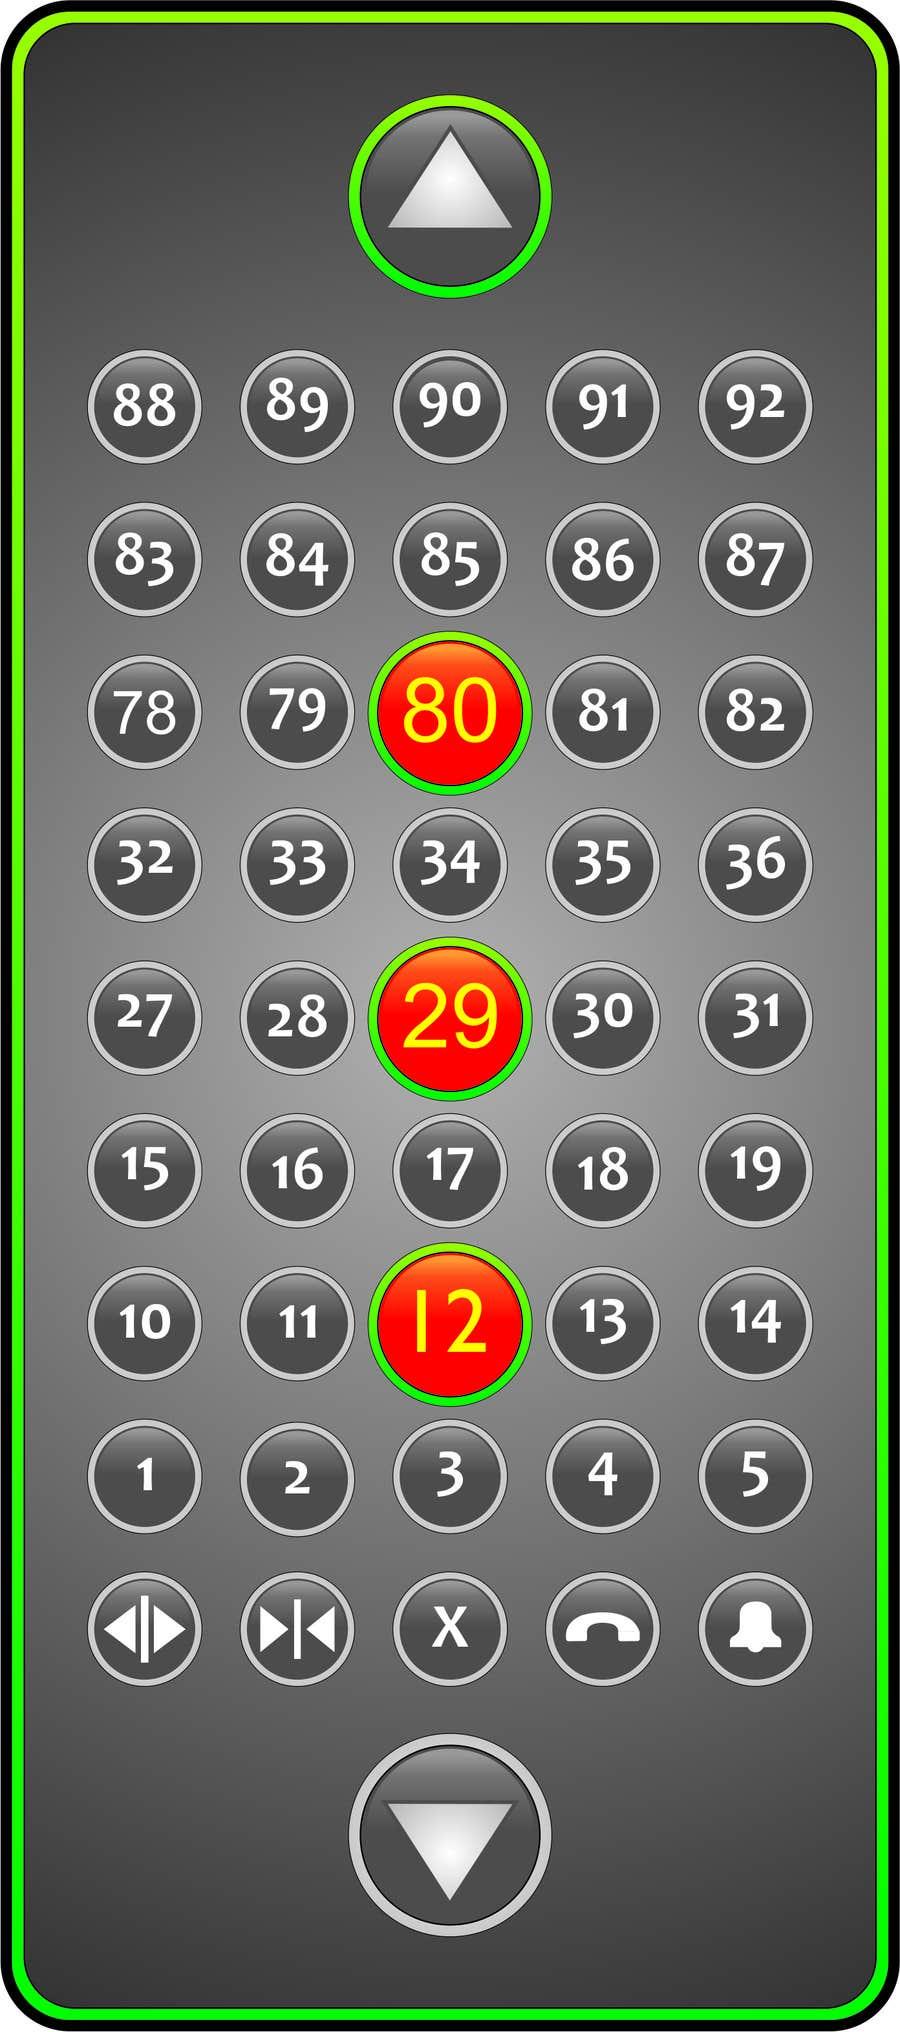 Penyertaan Peraduan #21 untuk Design a Logo for 12-29-80